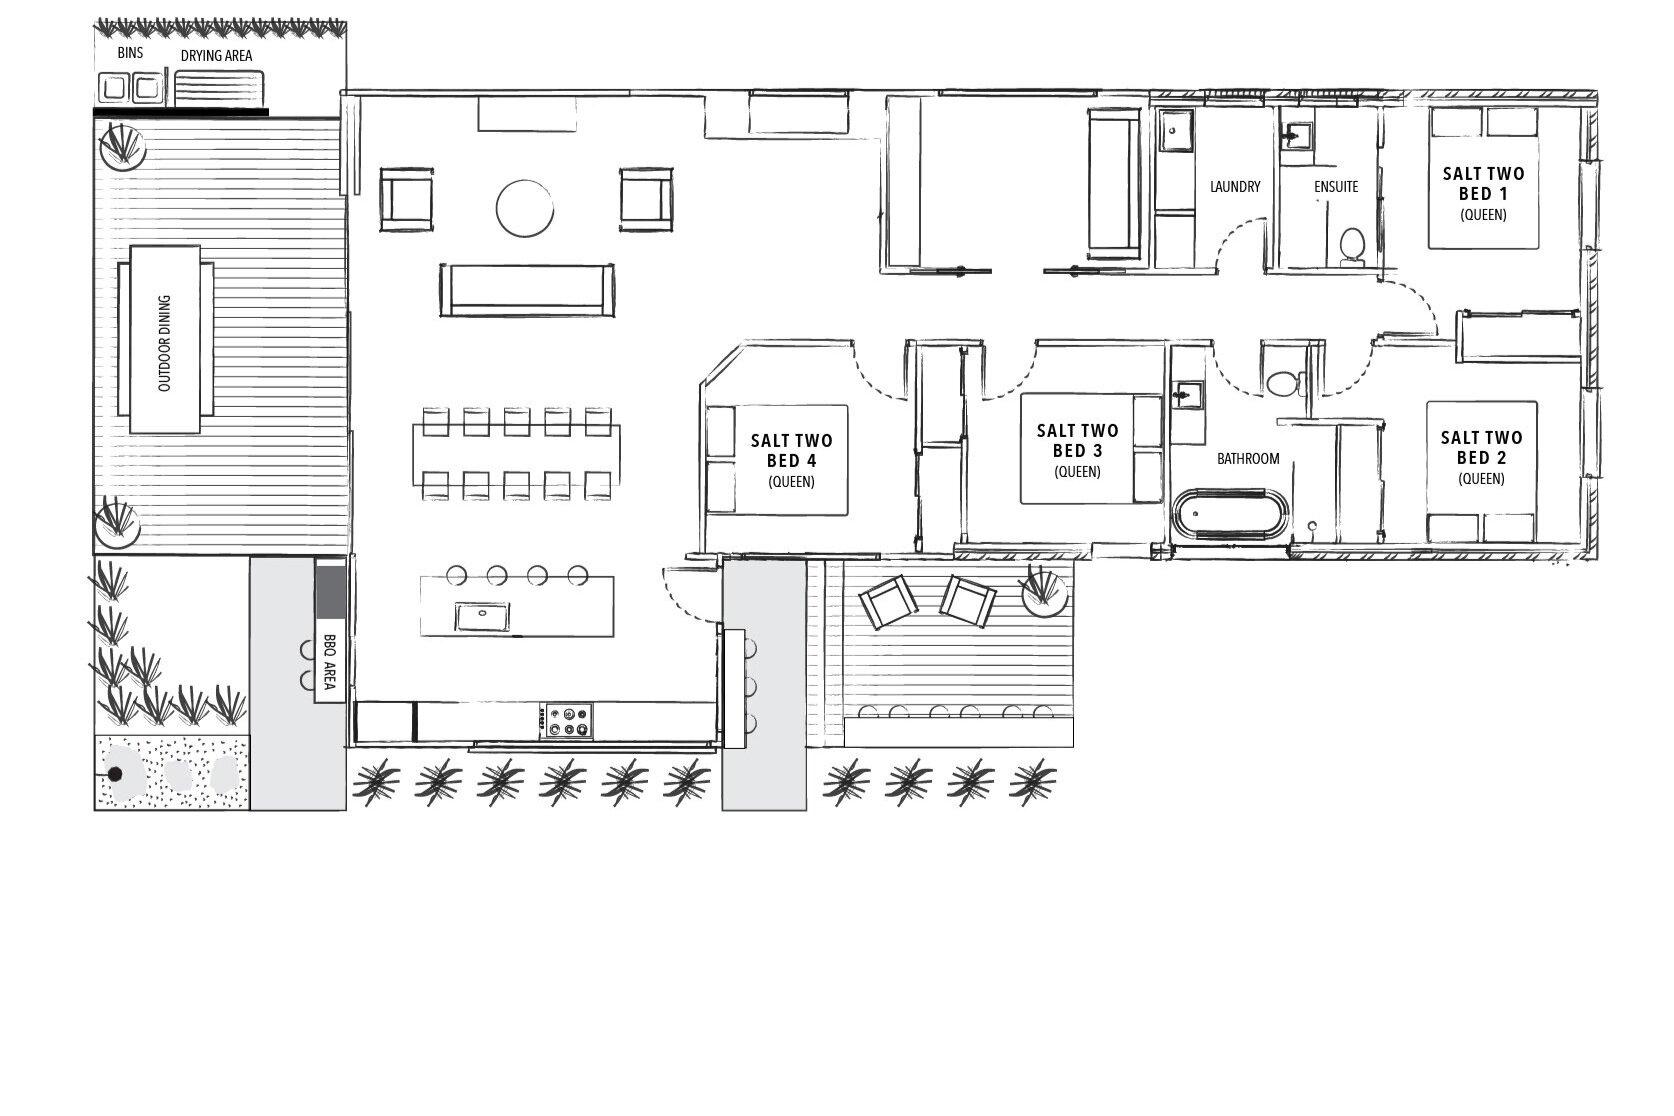 SaltTwo-Floorplan.jpg